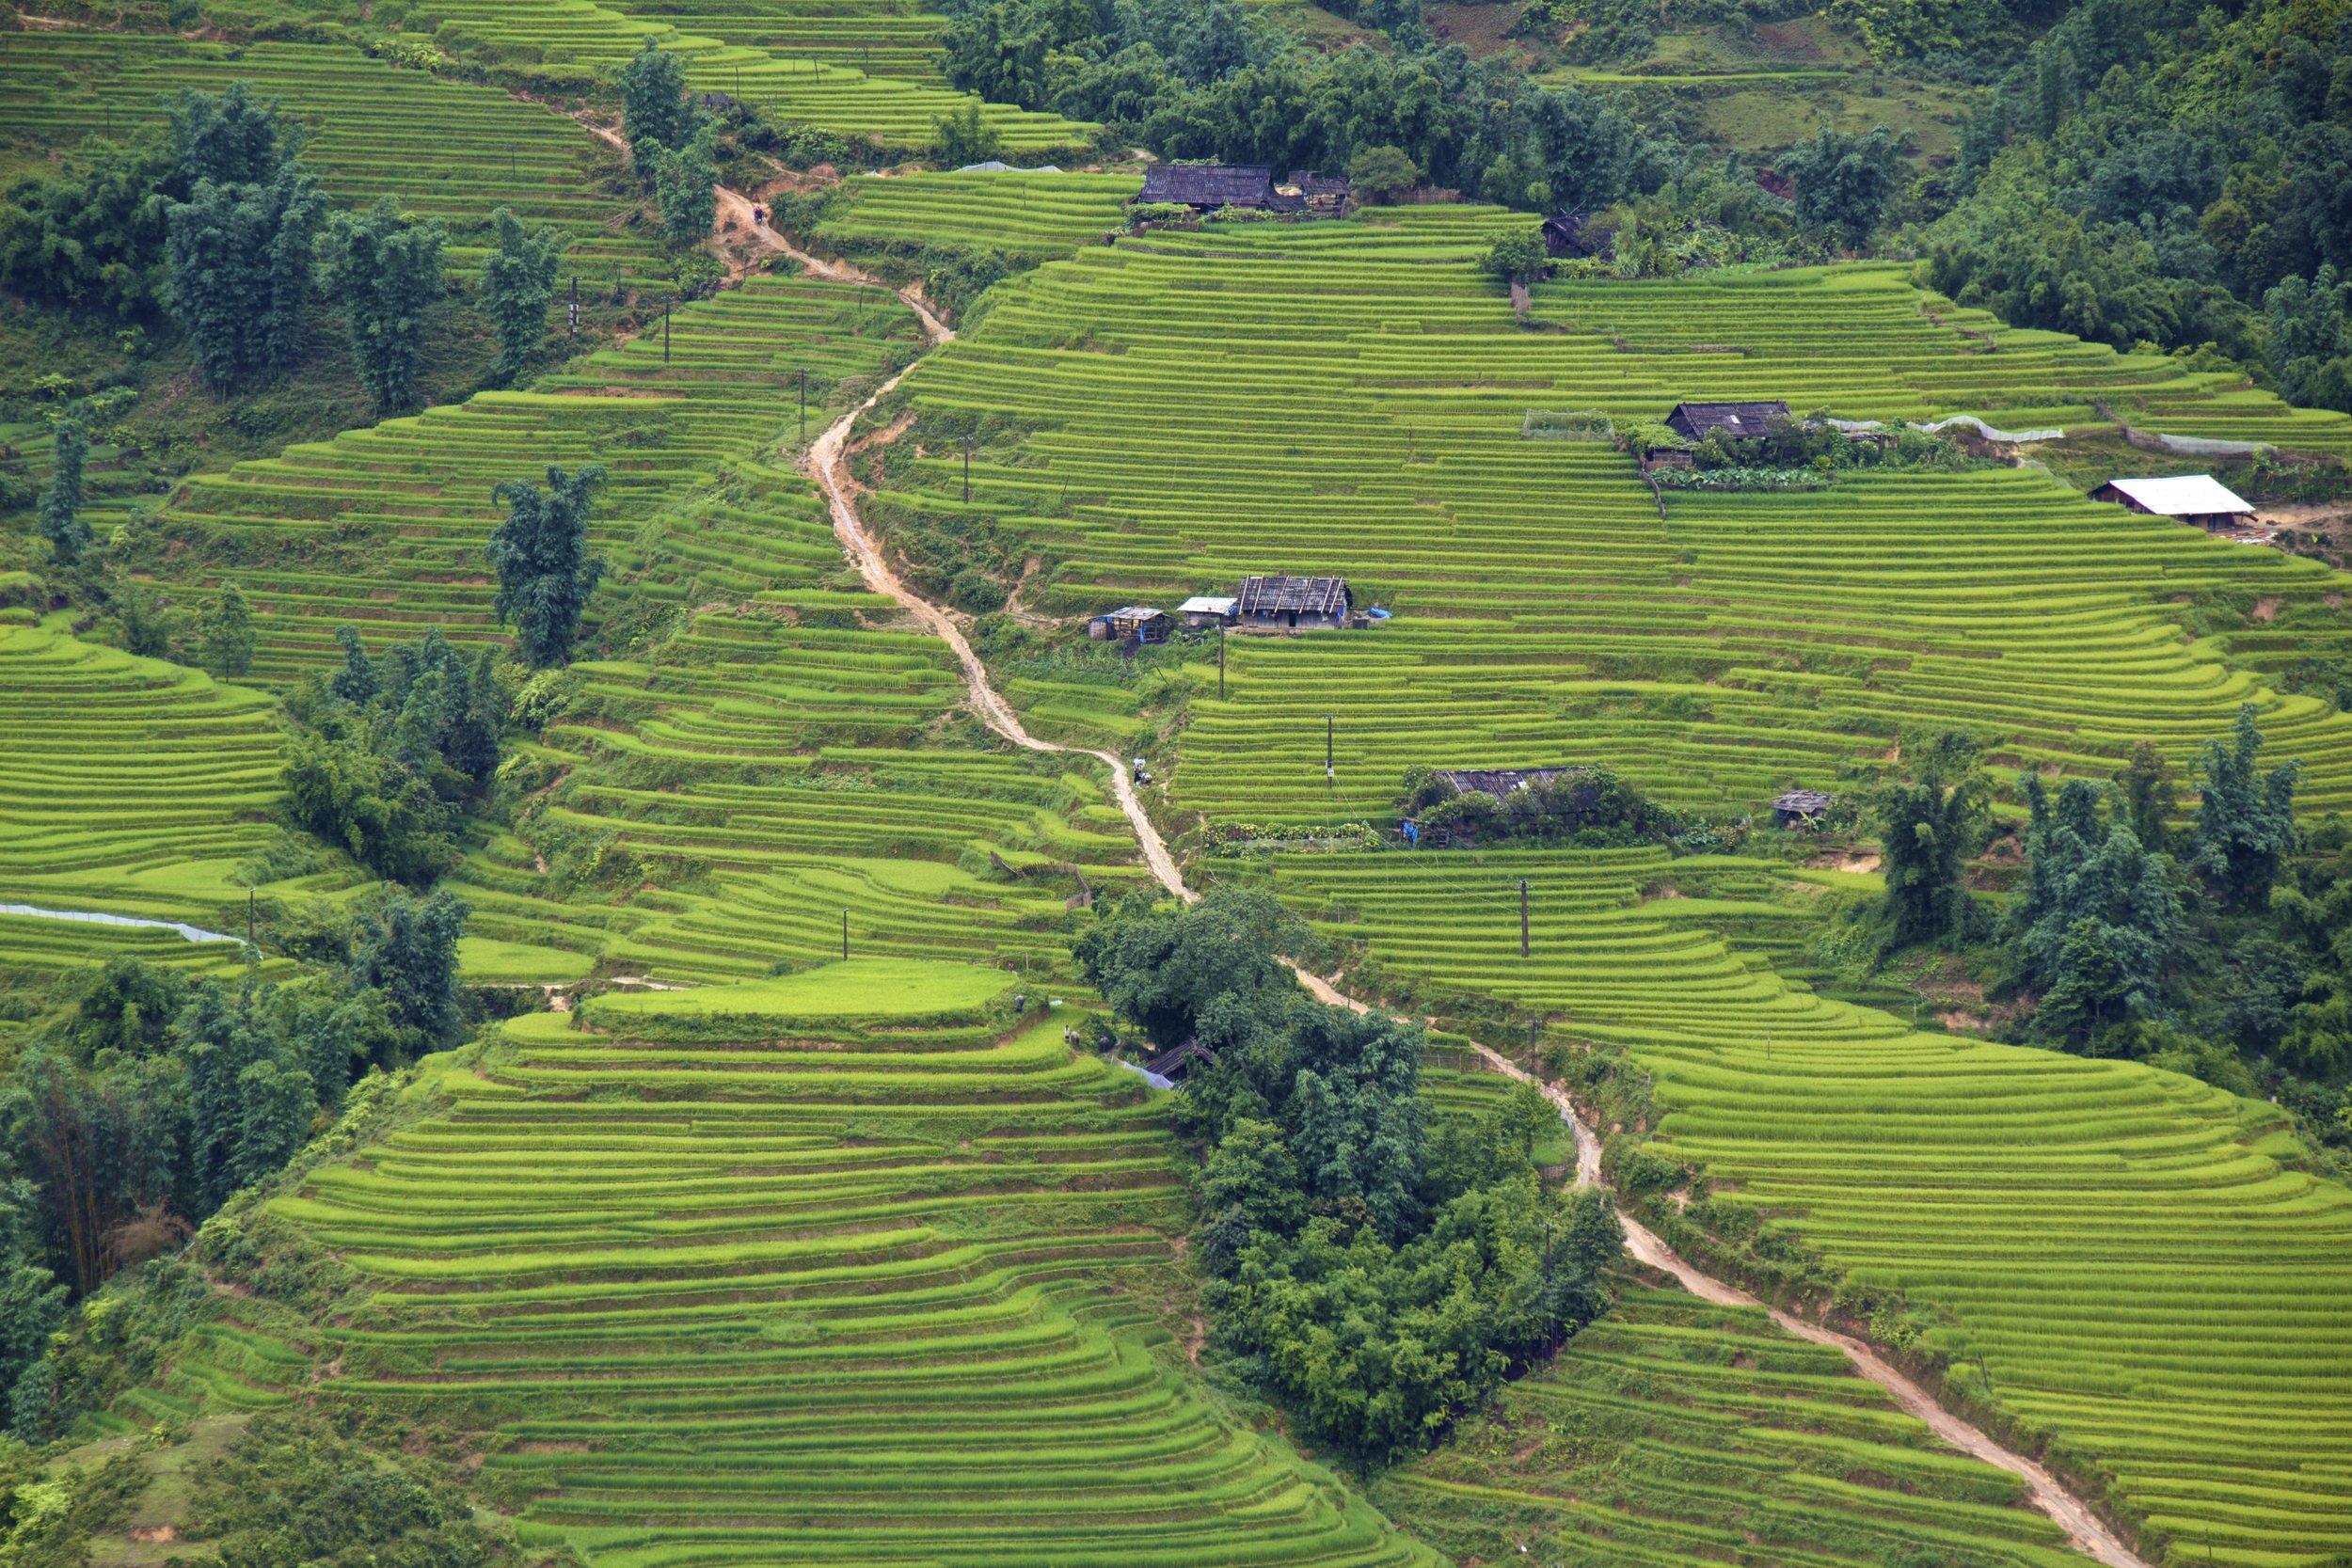 sa pa lao cai vietnam rice paddies 16.jpg